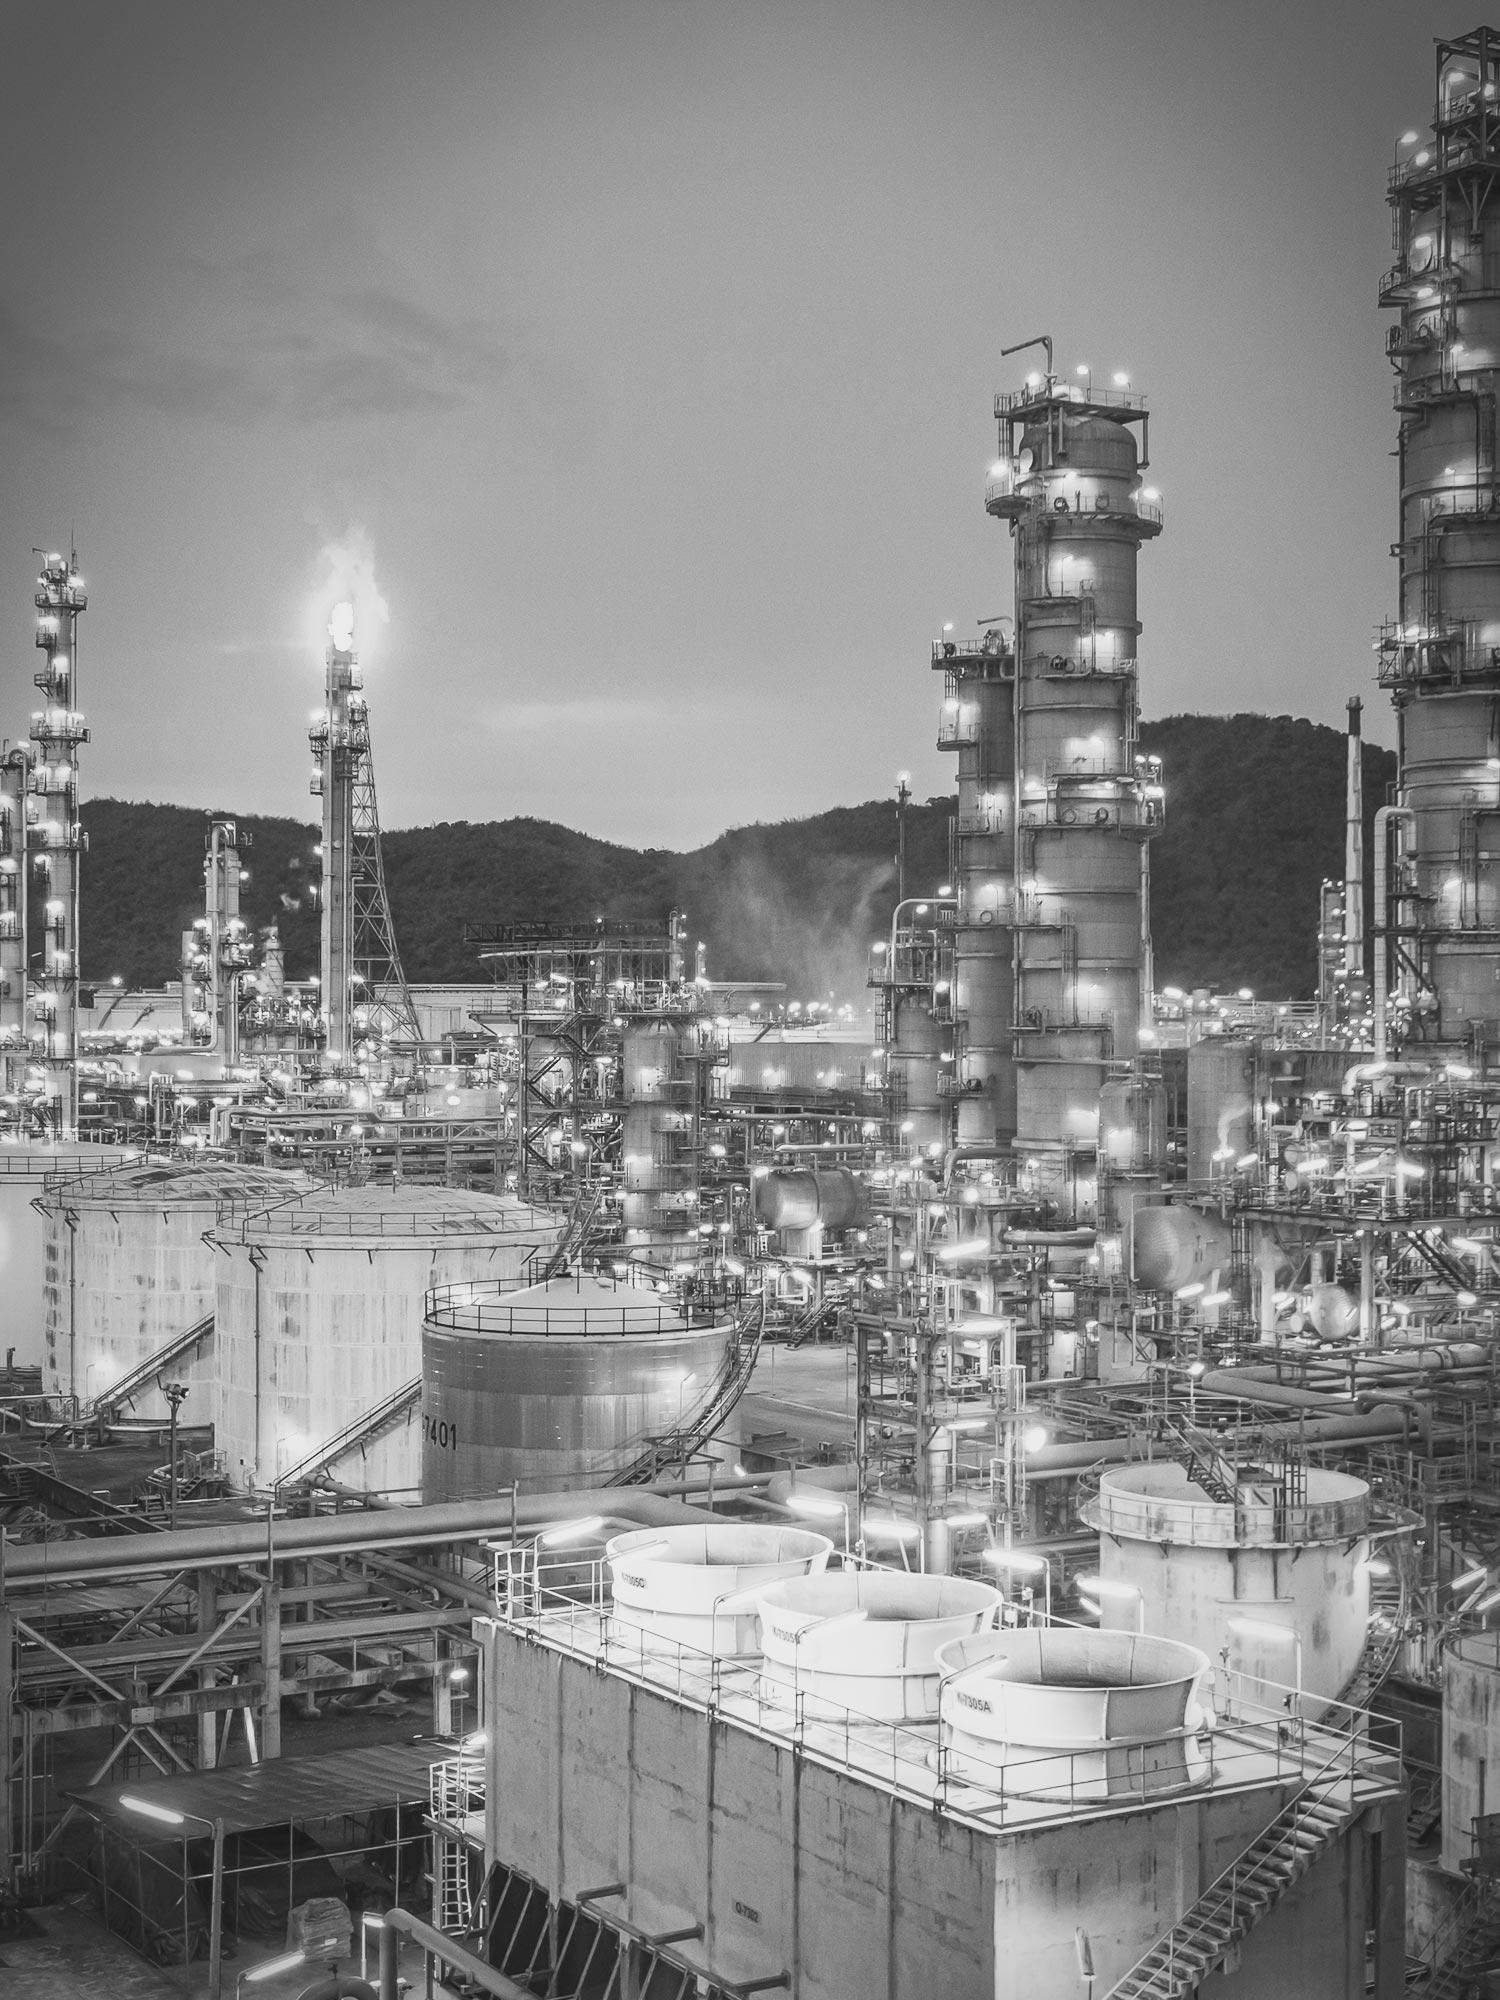 Soluciones para refinerías